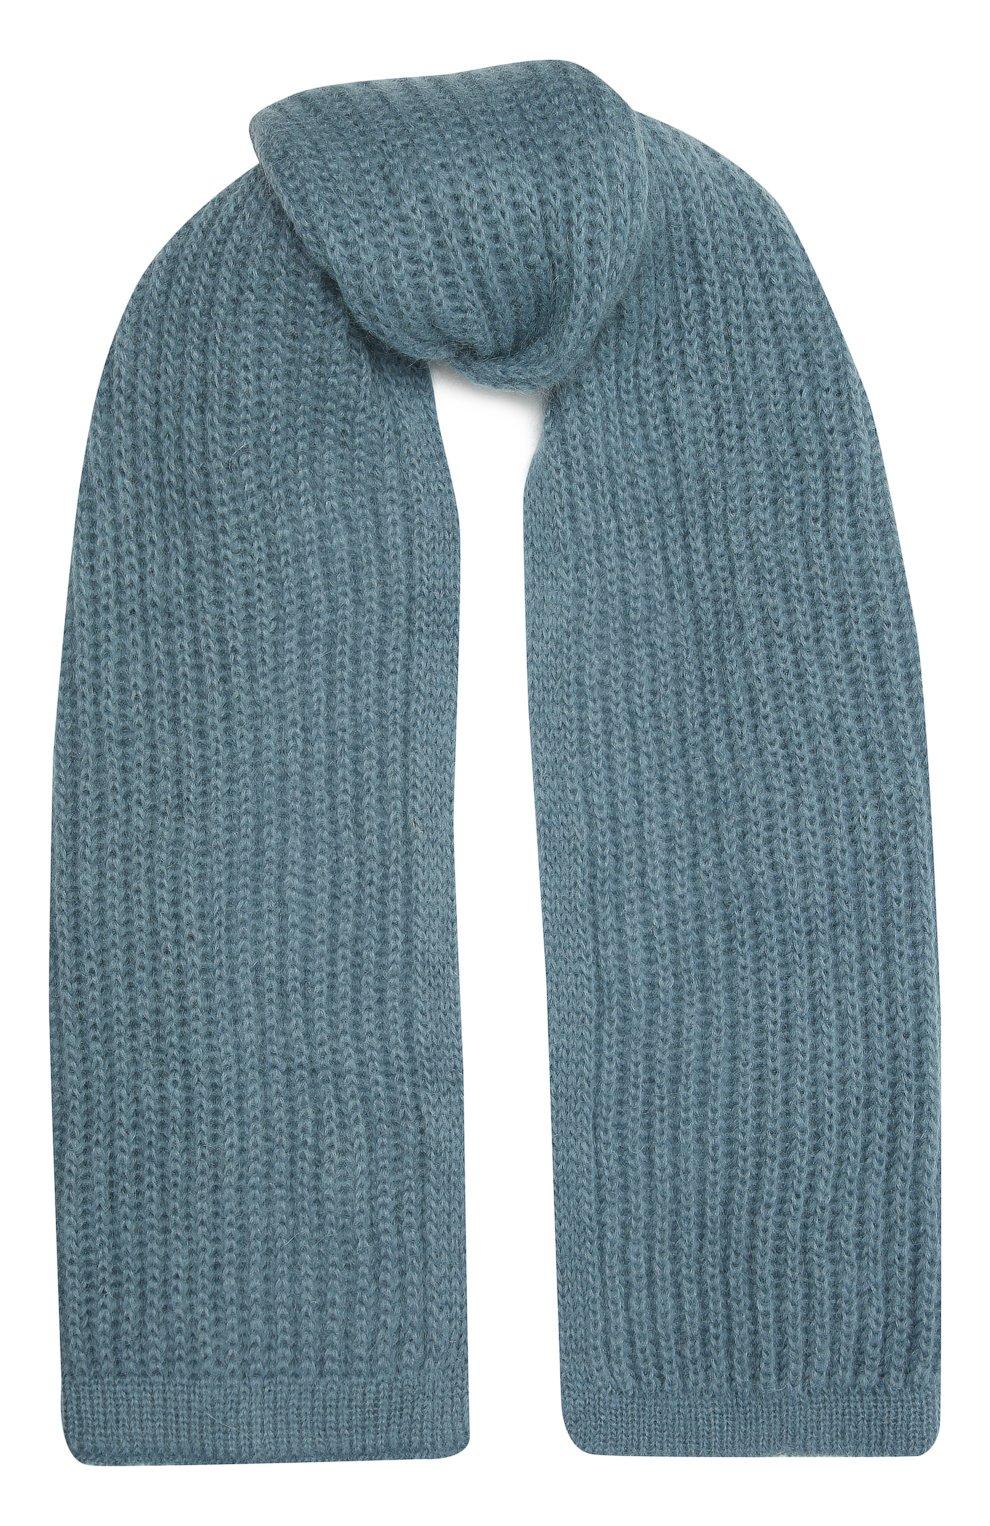 Женский шерстяной шарф TAK.ORI голубого цвета, арт. AC105MW018PF17 | Фото 1 (Материал: Текстиль, Шерсть, Синтетический материал; Принт: Без принта)